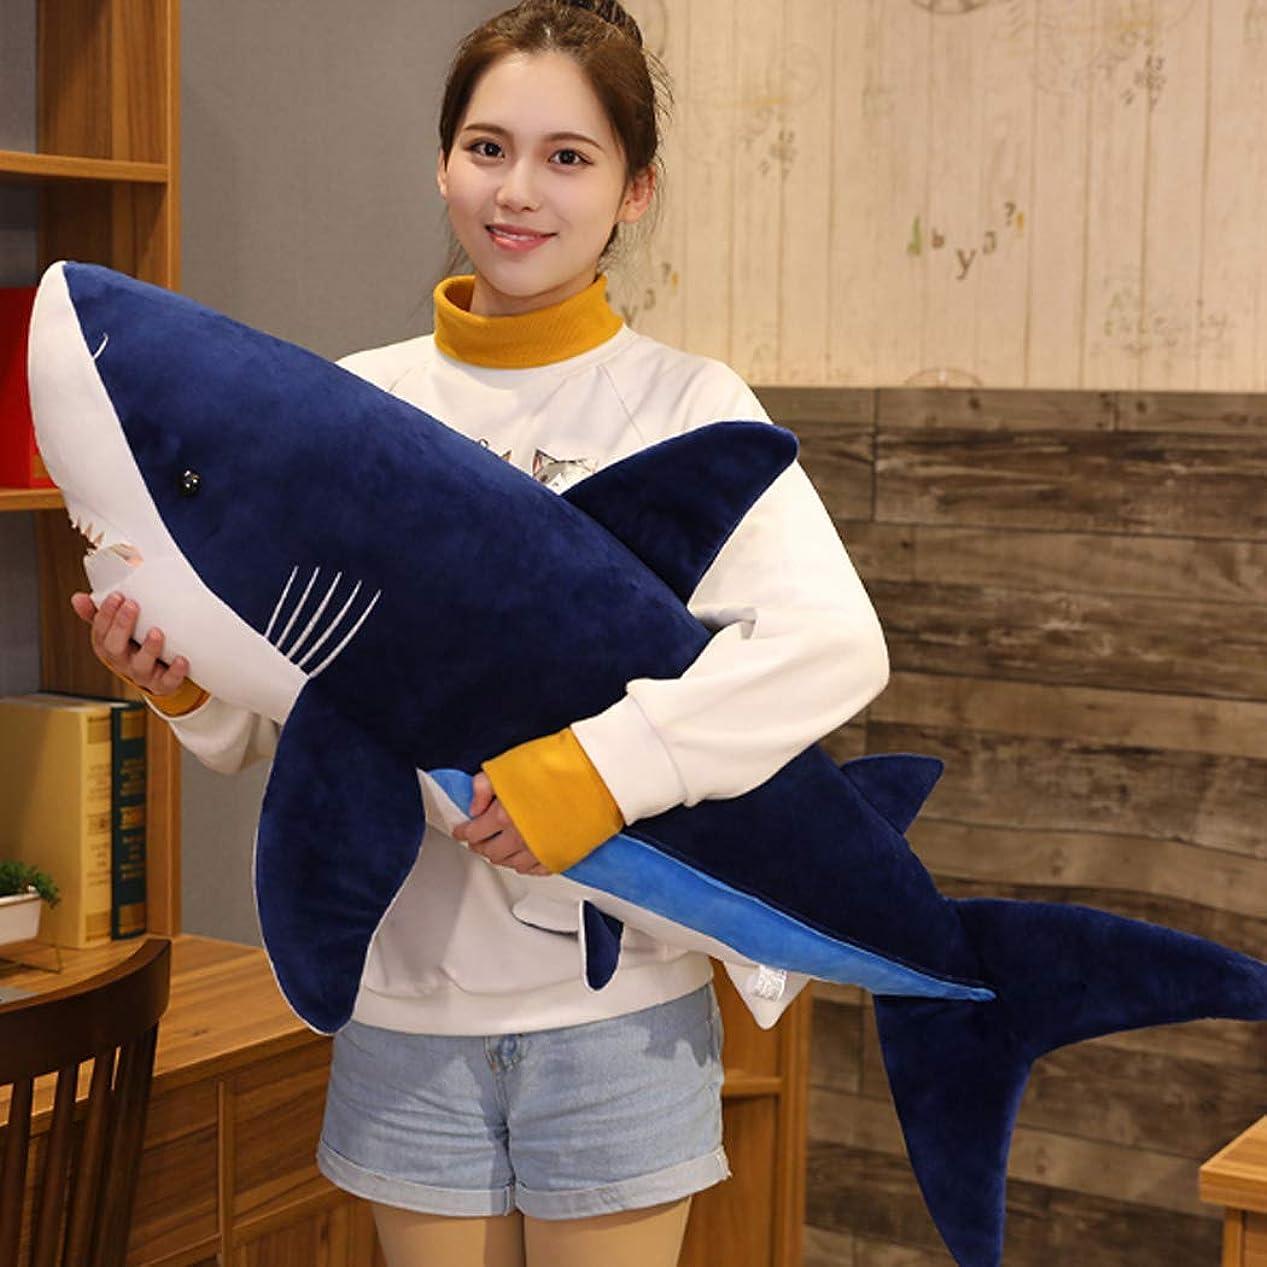 完了ベアリングサークルリスキーなyousyu サメぬいぐるみ 特大さめ抱き枕  shark 抱き枕 大きい鮫のぬいぐるみ (ネイビー, 110cm)